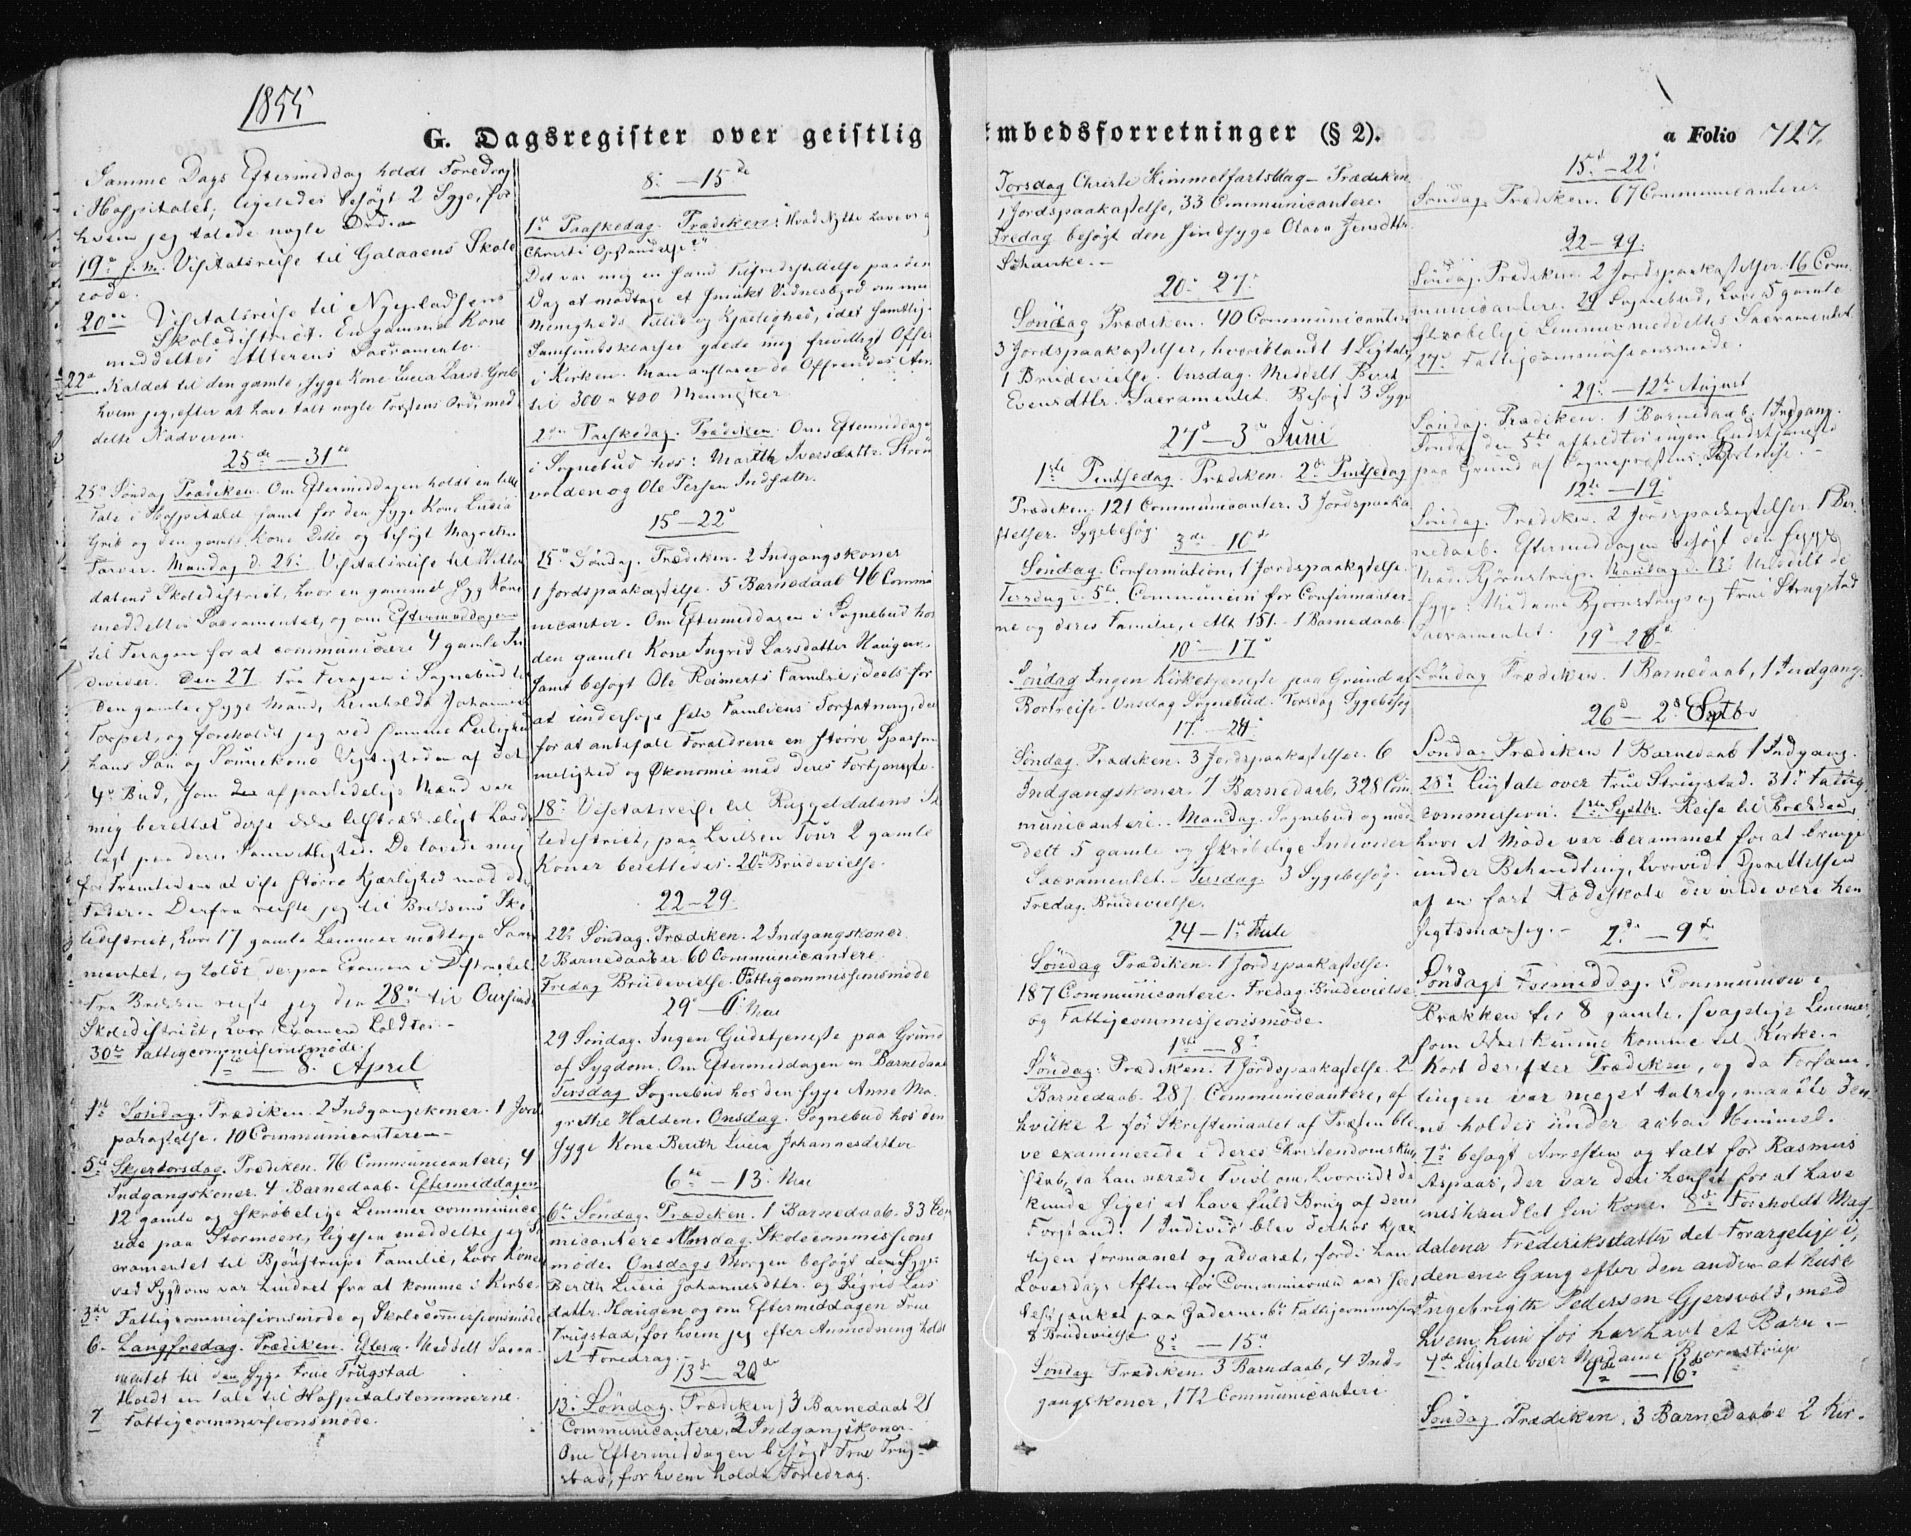 SAT, Ministerialprotokoller, klokkerbøker og fødselsregistre - Sør-Trøndelag, 681/L0931: Ministerialbok nr. 681A09, 1845-1859, s. 727